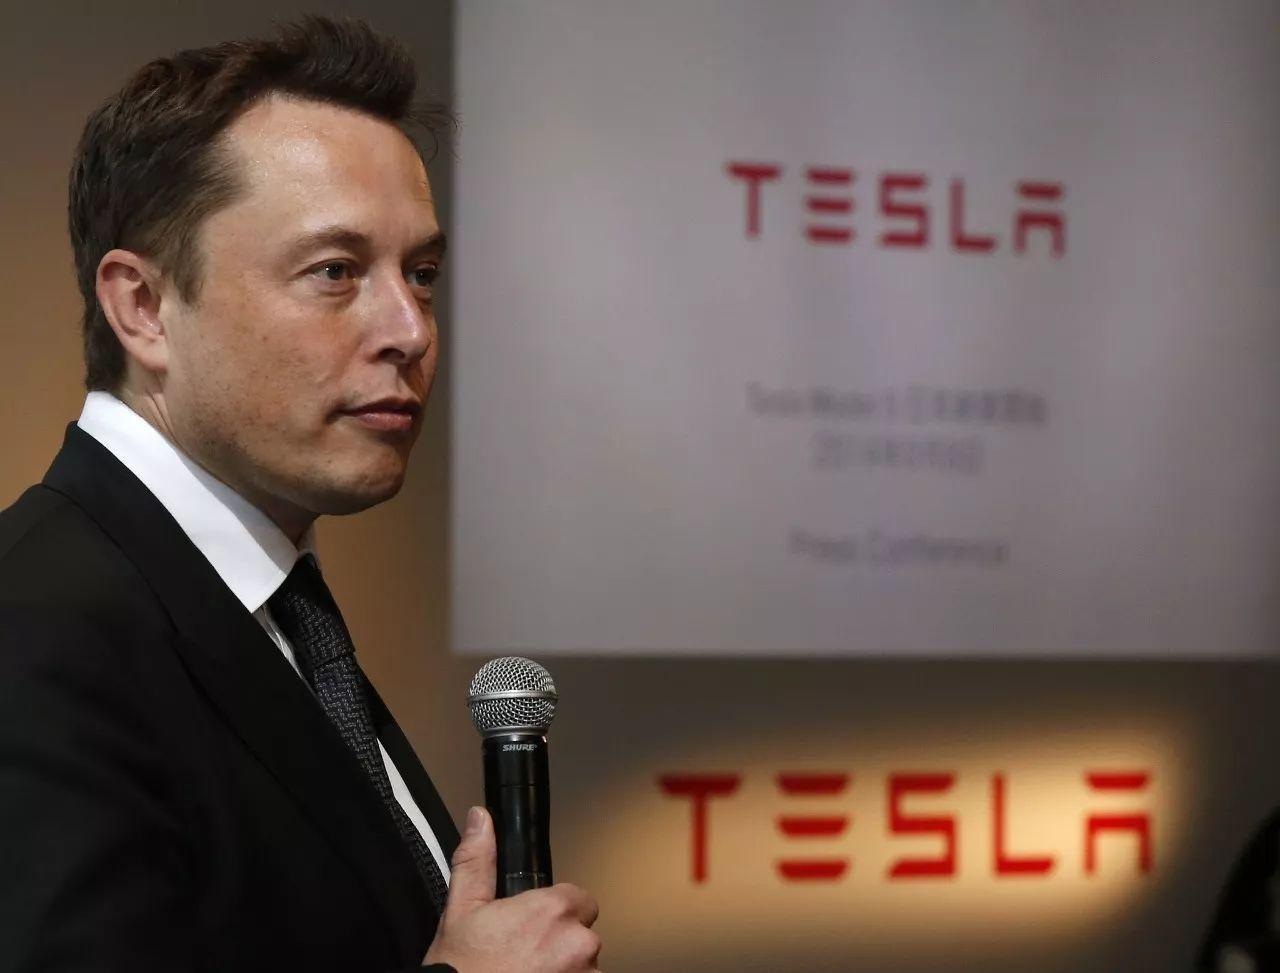 会议现场,特斯拉ceo埃隆·马斯克几度哽咽,他称特斯拉是用爱在造车,不像有的企业是靠投资部门在驱动,特斯拉倾注了真心和灵魂.